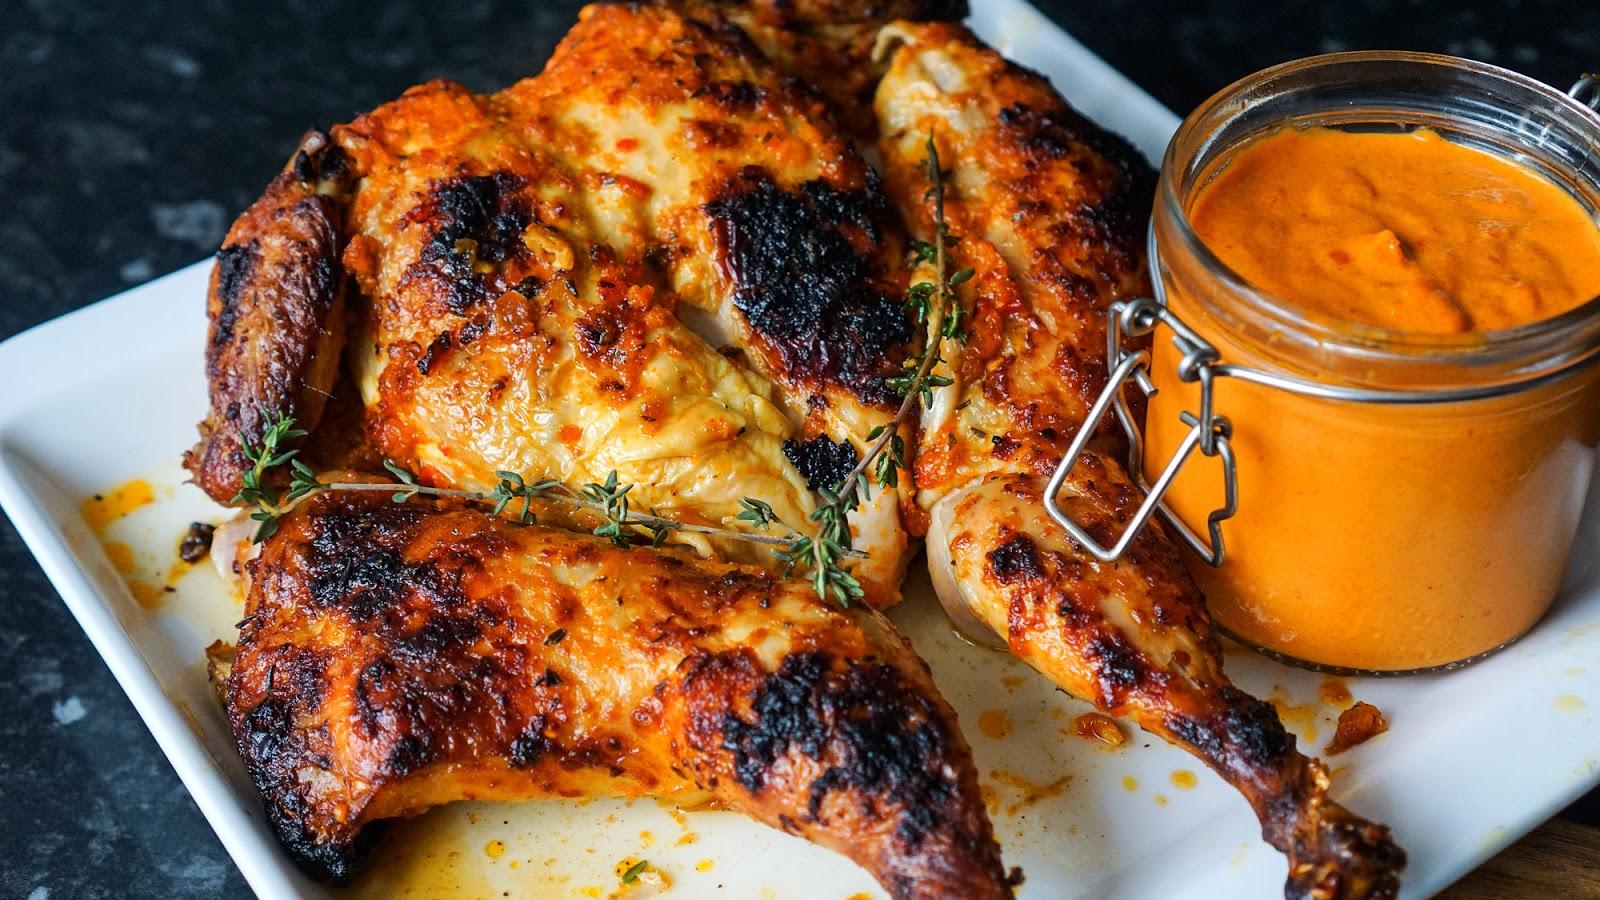 Nandos Peri Peri Chicken Recipe | Copycat Recipe